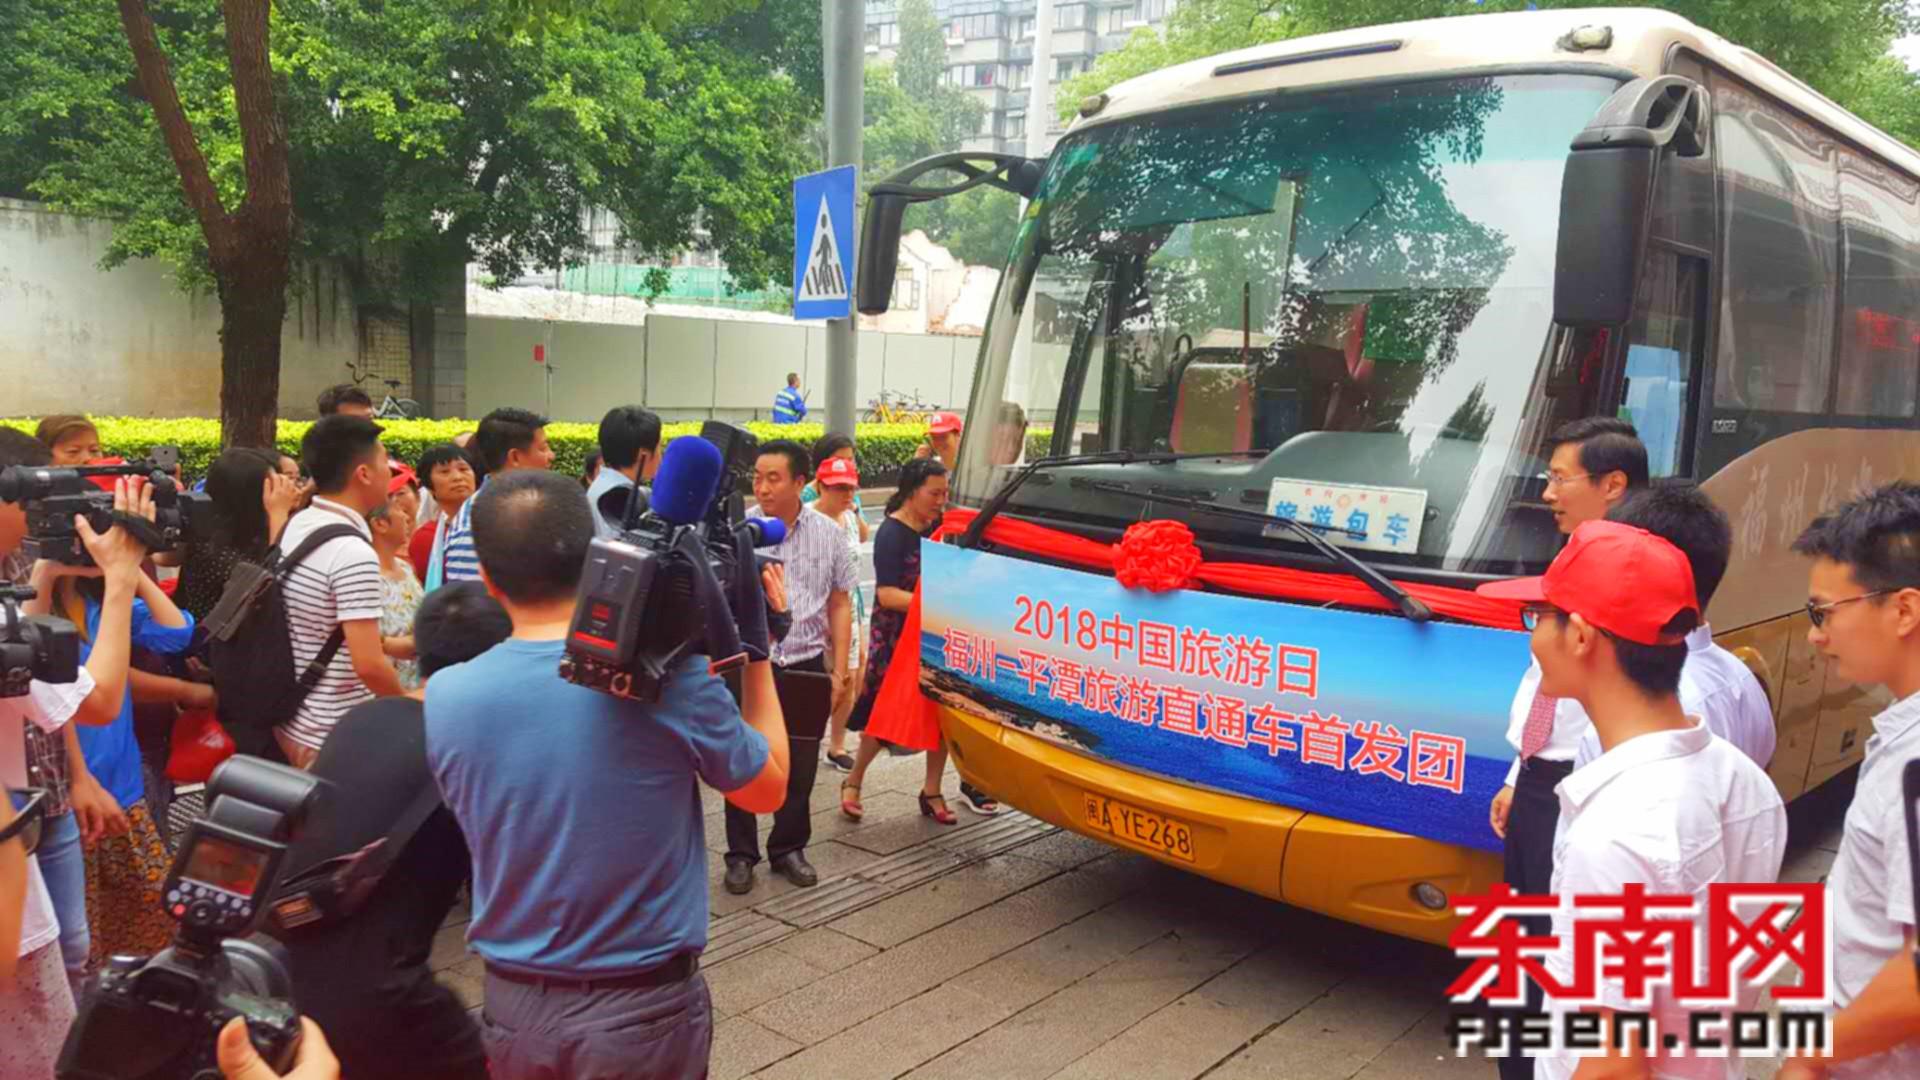 平潭第二个旅游推广站落户福州 福州至平潭直通车正式发车